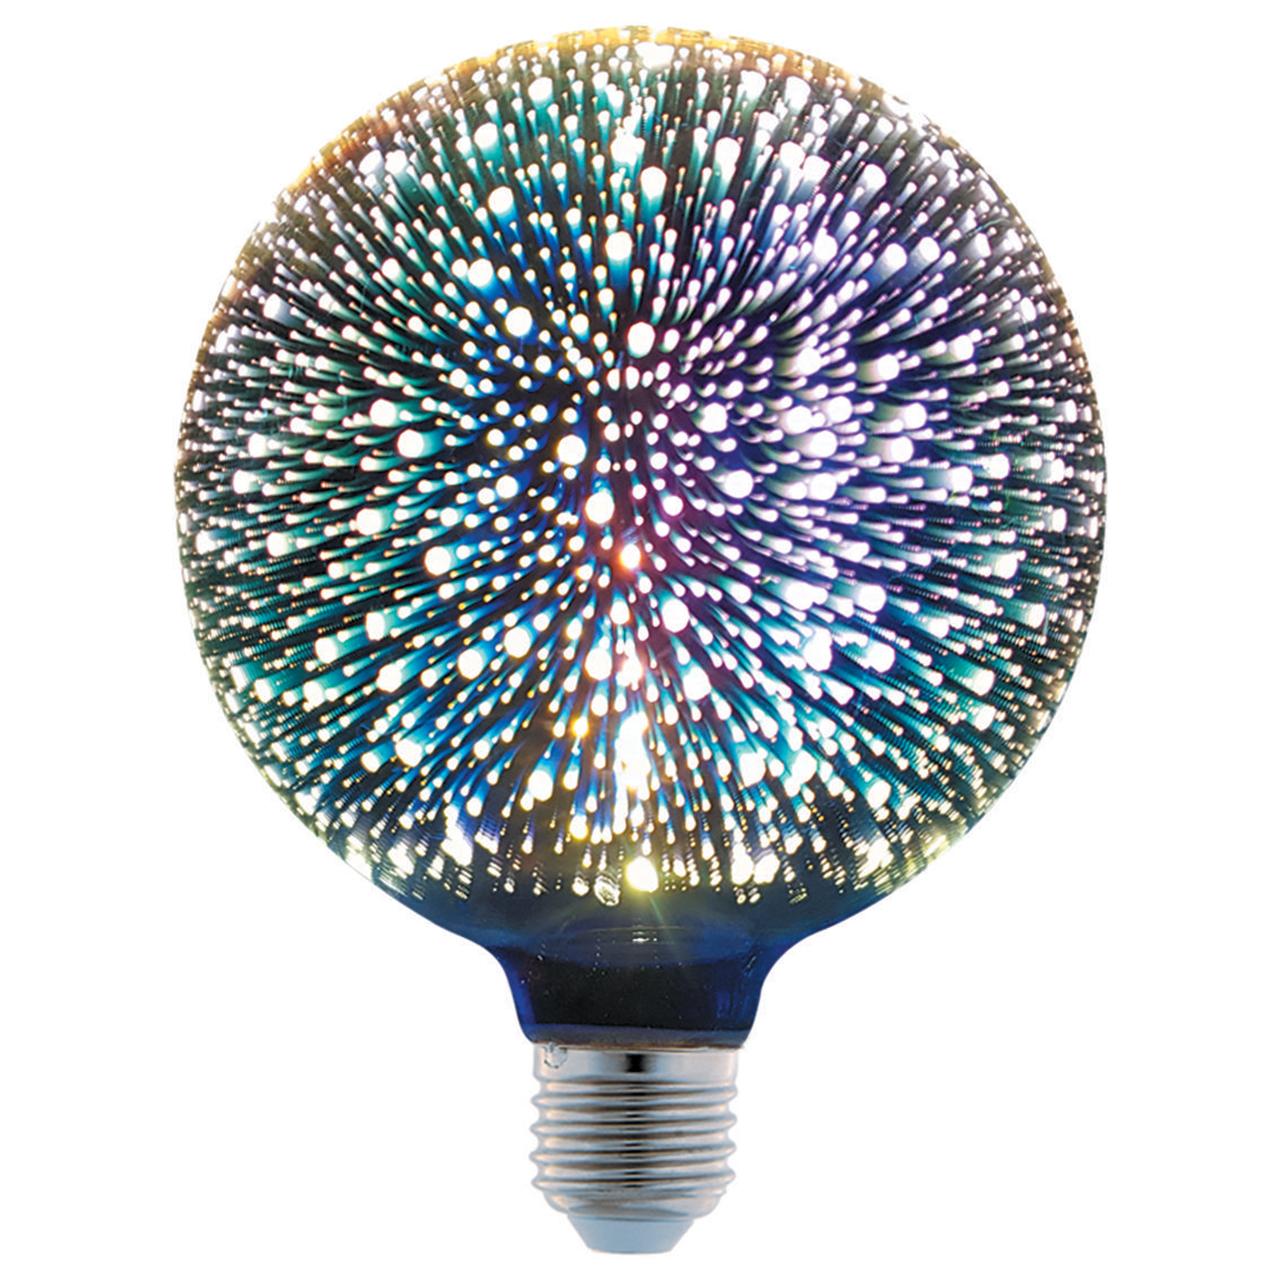 لامپ ال ای دی تزئینی 4 وات پارس شهاب مدل 3D پایه E27